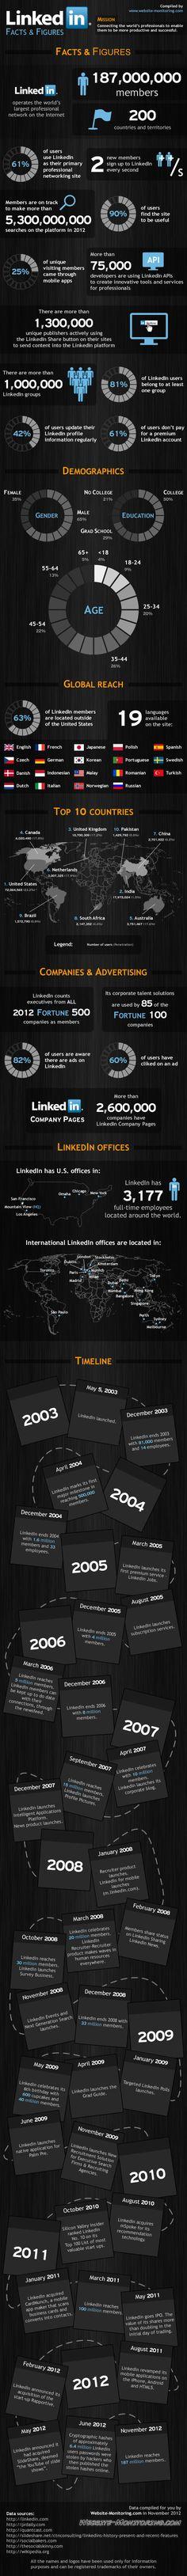 LES STATISTIQUES DE LINKEDIN EN 2012… LinkedIn est représenté dans plus de 200 pays, et accueille 187 millions de membres. Le réseau compte 25% d'utilisateurs mobiles ! Le bouton de partage LinkedIn est quant à lui installé sur plus d'un 1,3 millions de sites, deux ans après sa sortie. Vis-à-vis des pratiques des membres, 81% d'entre eux font partie d'au moins un groupe ; ils sont 61% à préférer l'offre gratuite, et 42% des utilisateurs mettent régulièrement à jour leur profil.